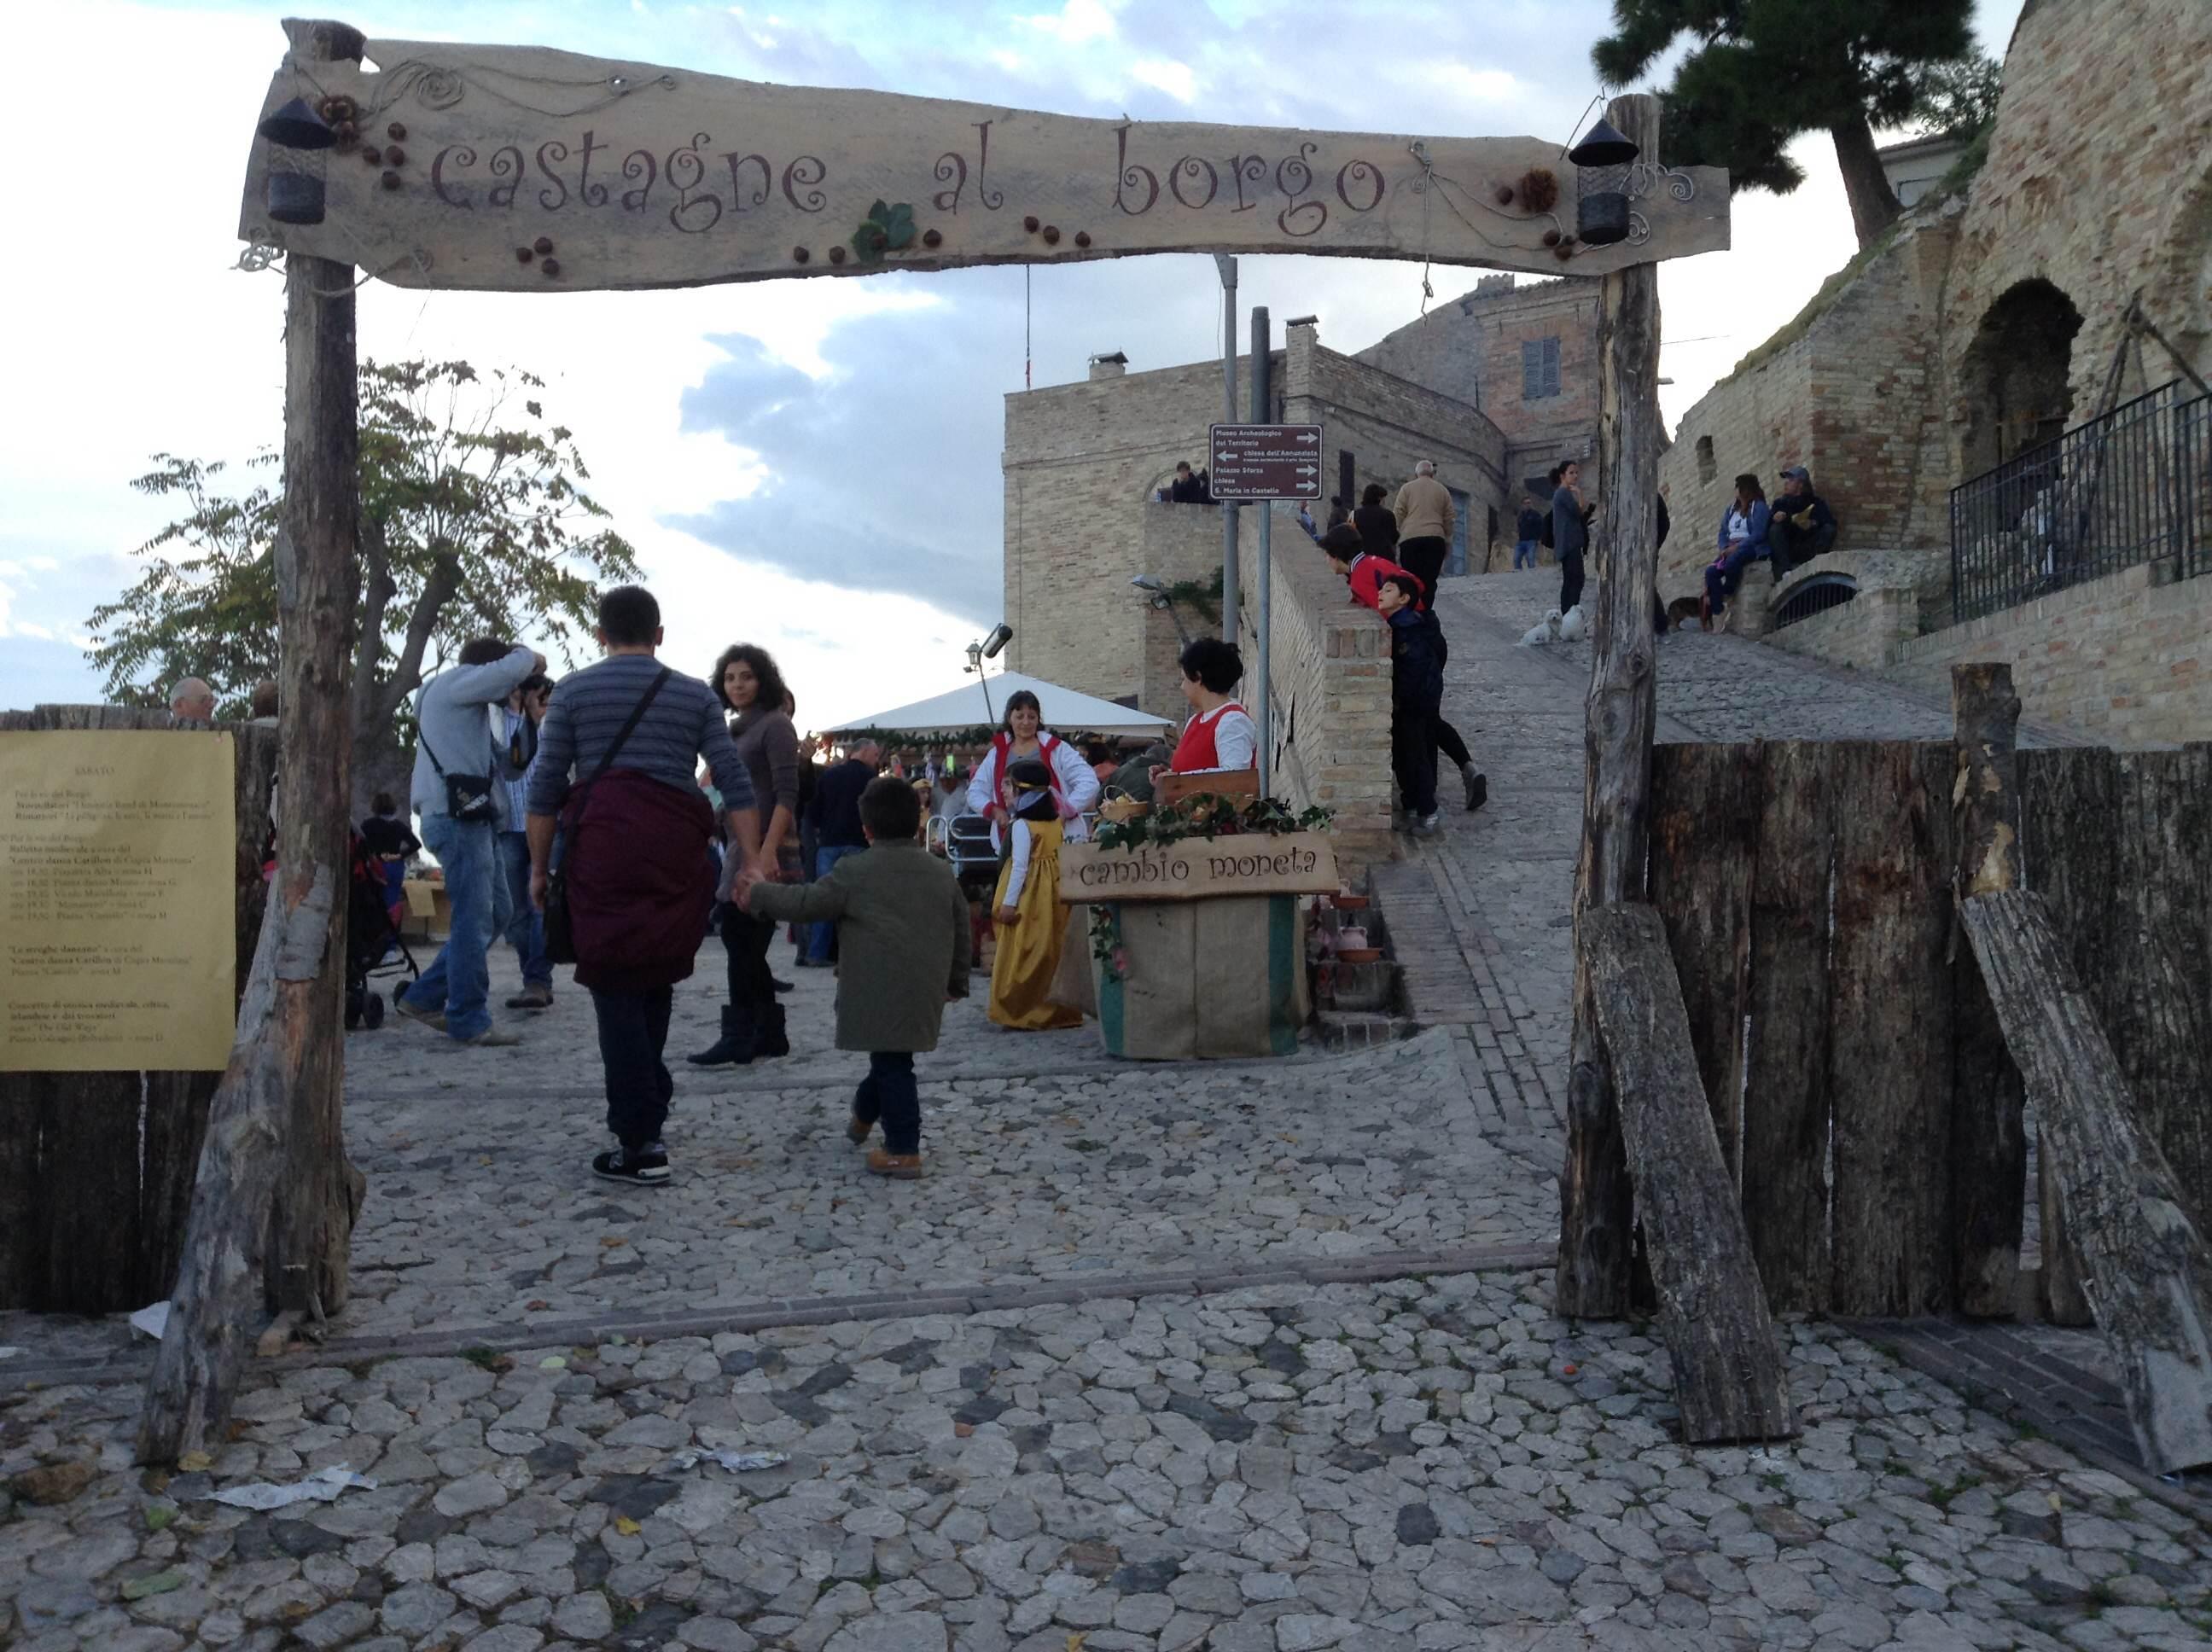 Castagne al borgo 2013 1